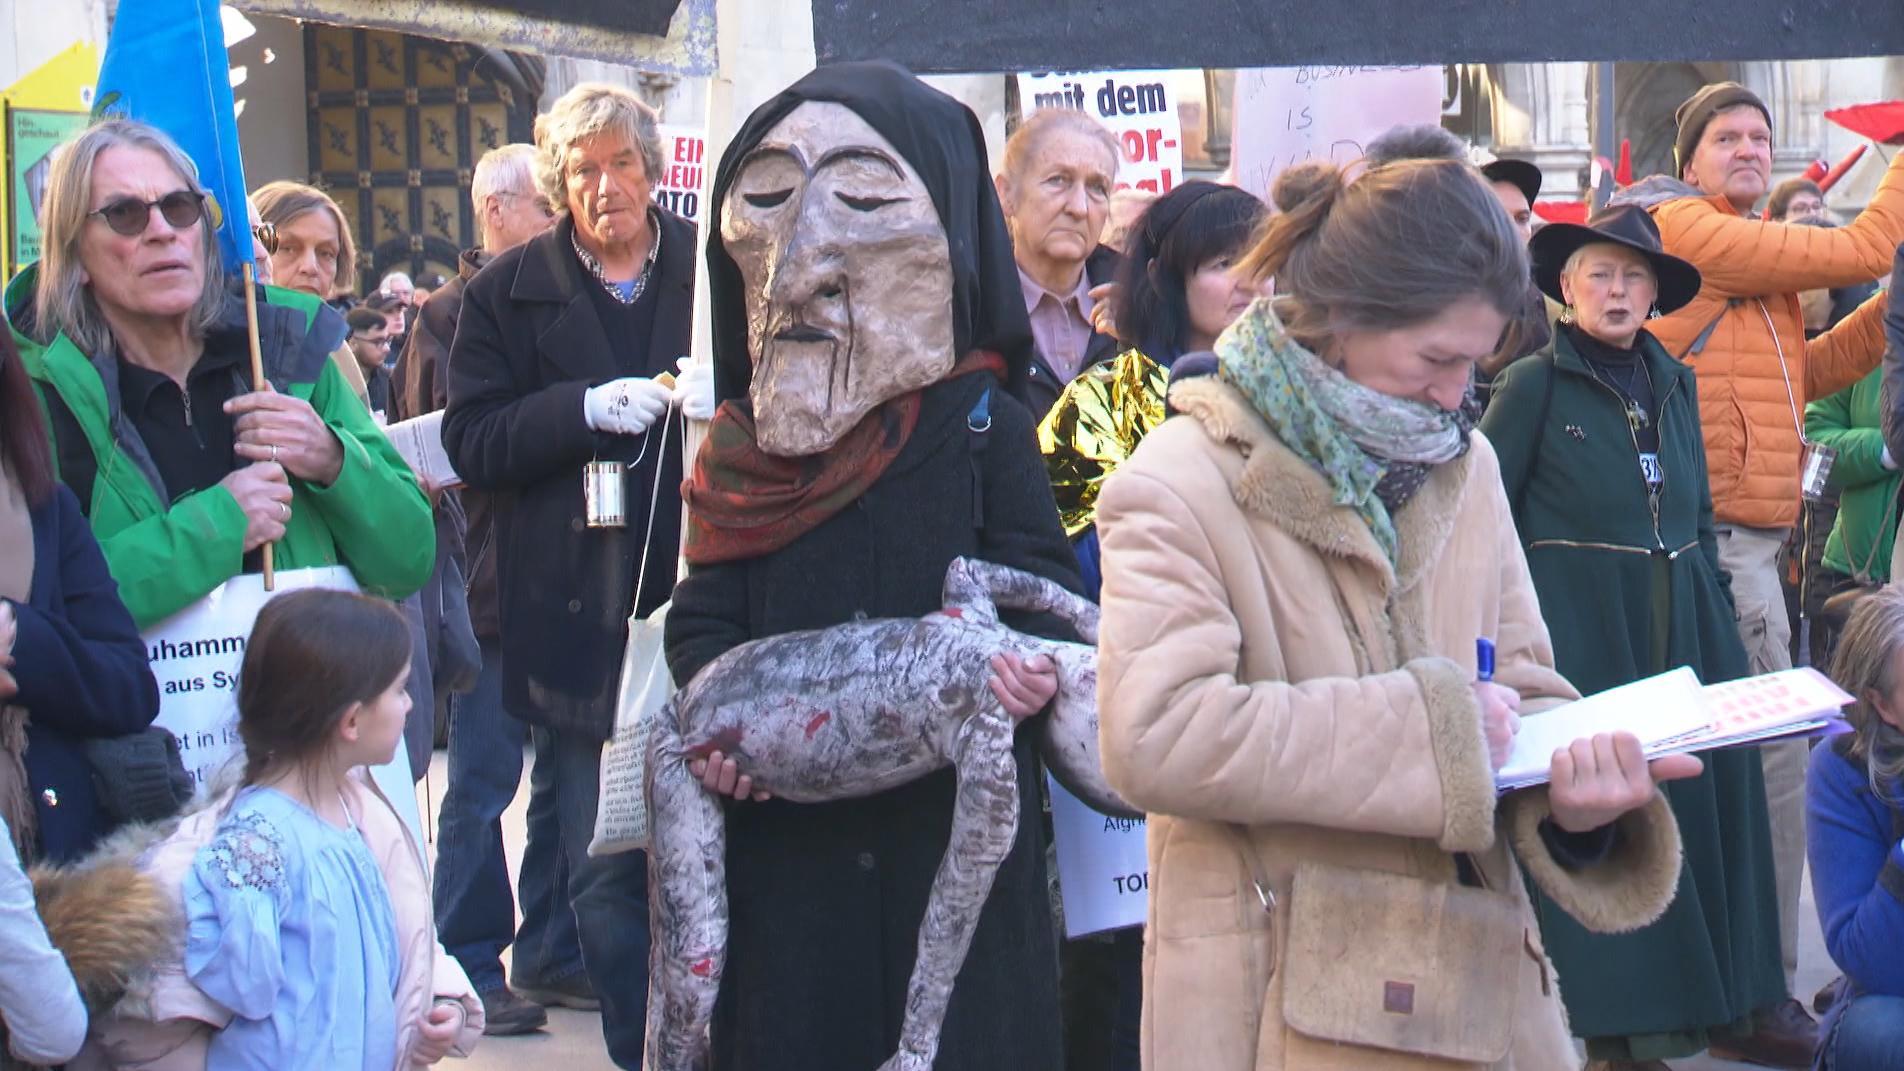 Demonstrationen gegen die Münchner Sicherheitskonferenz